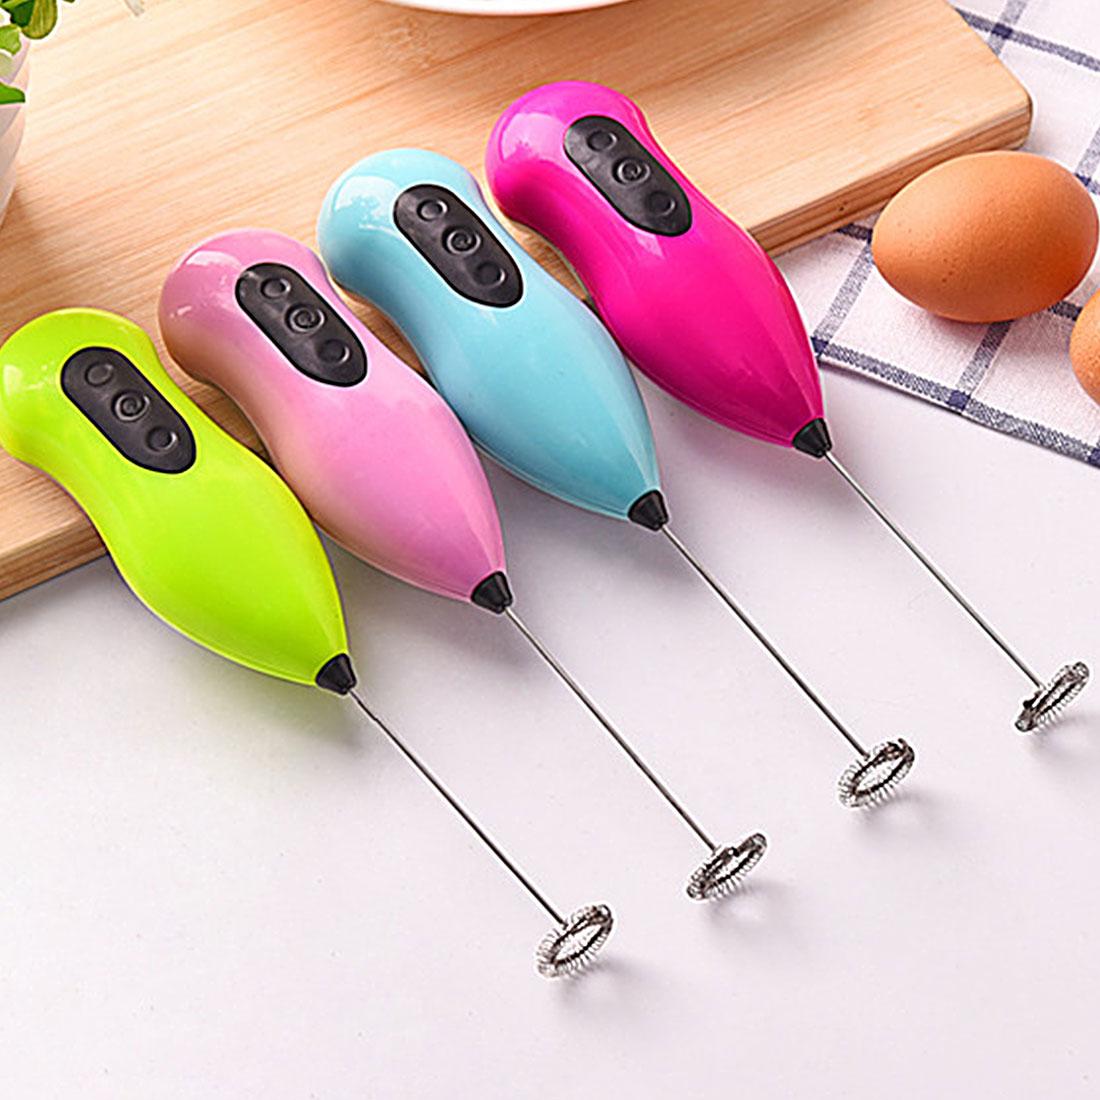 Tilbehør til køkkenet Rustfrit stål Elektrisk mælkeskum Skumgummi Whisk Mixer Coffer Stirer Egg Beater